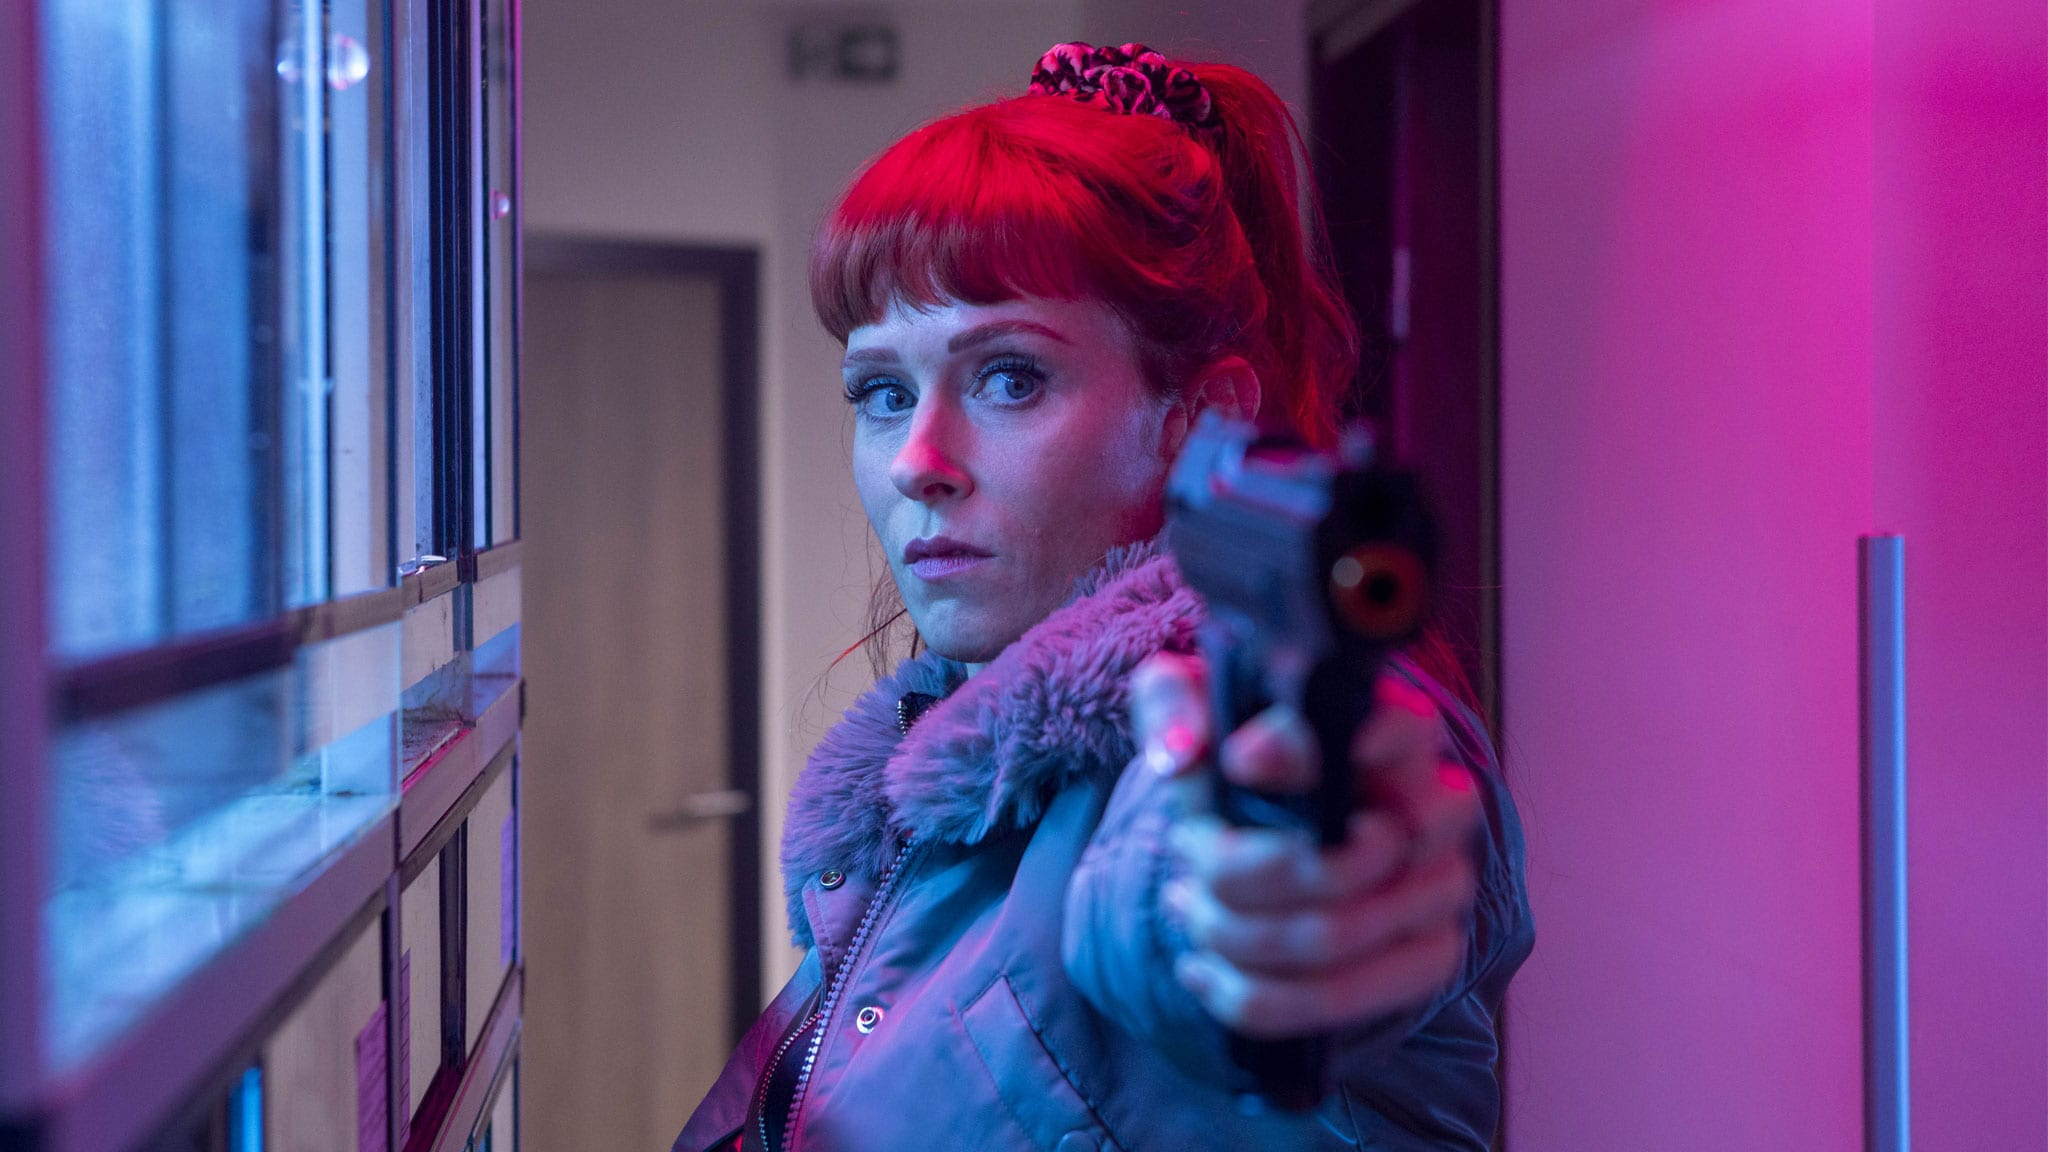 Rai 1 Morgane - Detective geniale - Uno strano rapimento S1E3